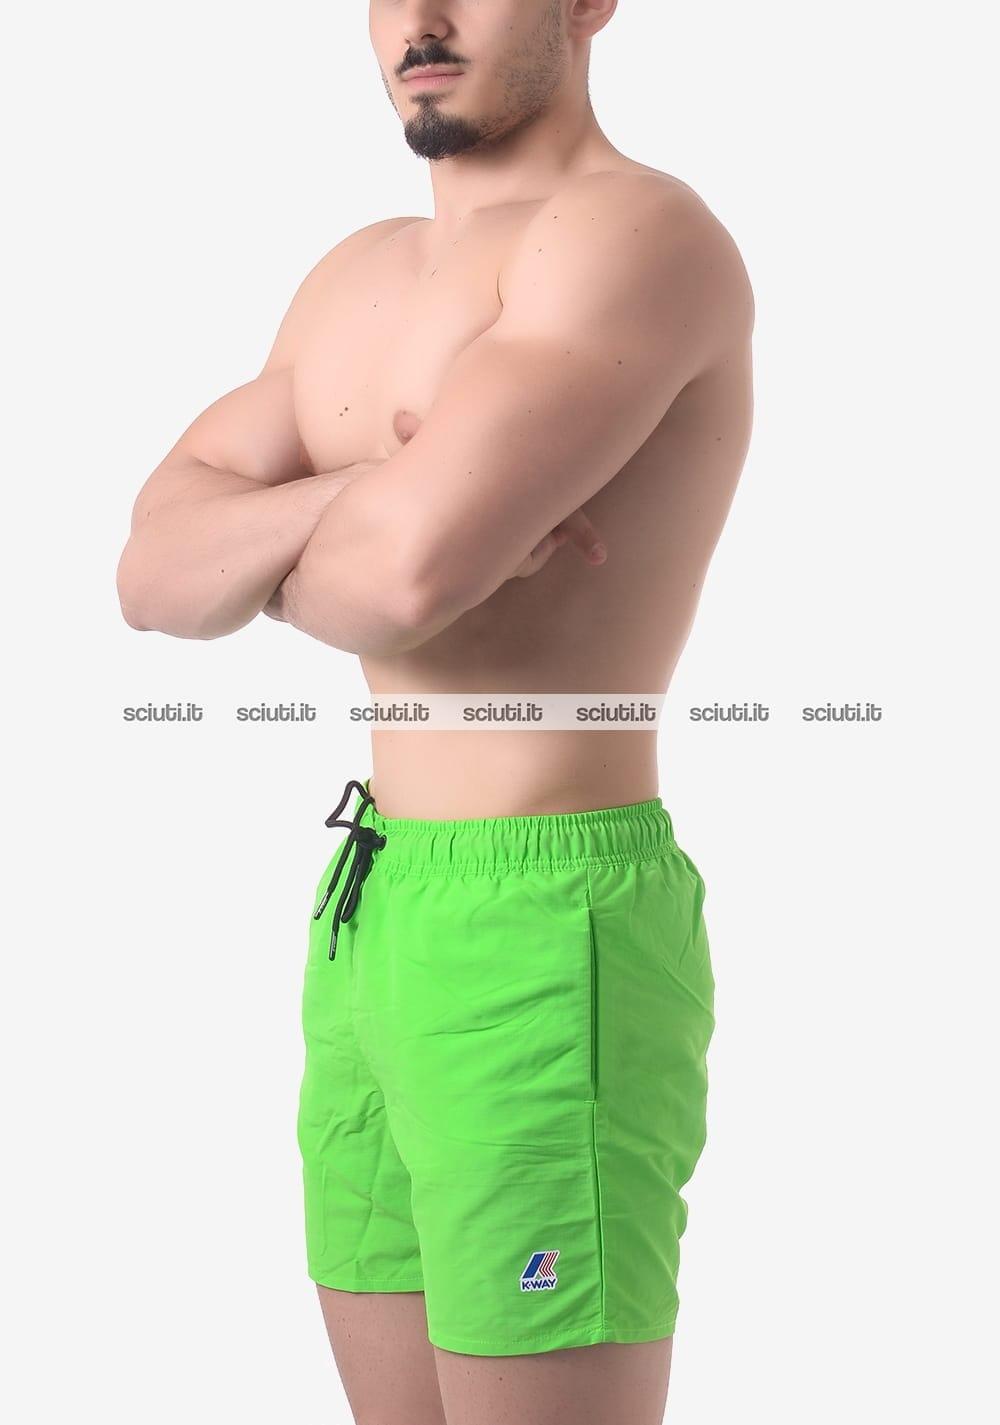 3616a0b248a4 Costume boxer uomo Kway Le Vrai 3.0 Oliver verde fluo | Sciuti.it